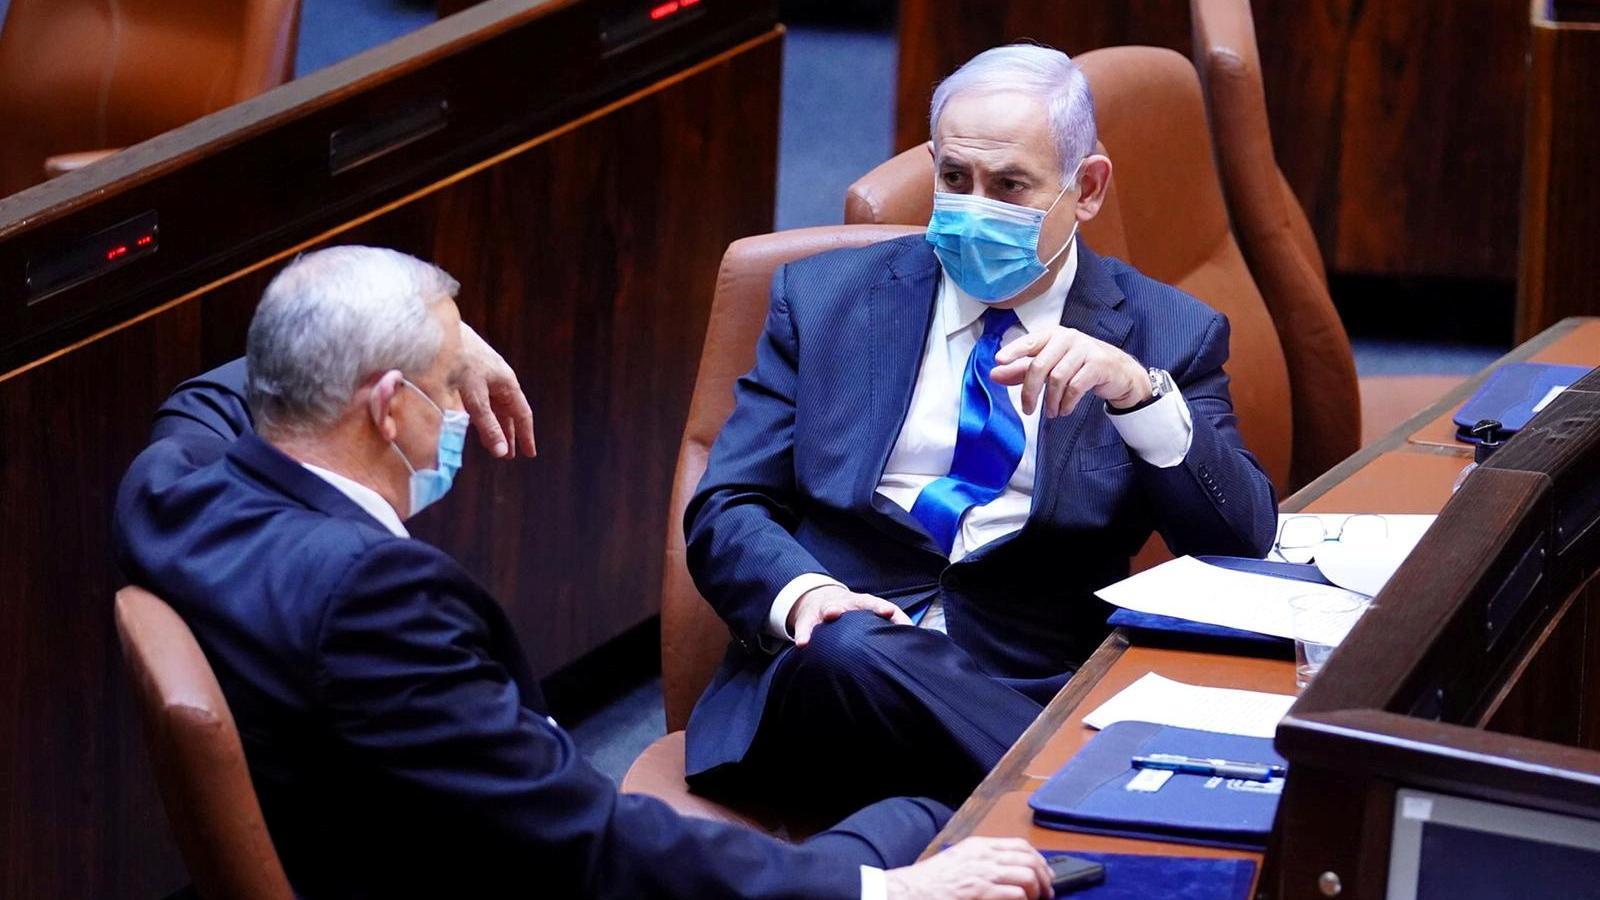 El primer ministre israelià, Benjamin Netanyahu, i Benny Gantz, porten màscares quan parlant a la cerimònia de jurament del nou govern, al parlament d'Israel, a Jerusalem.